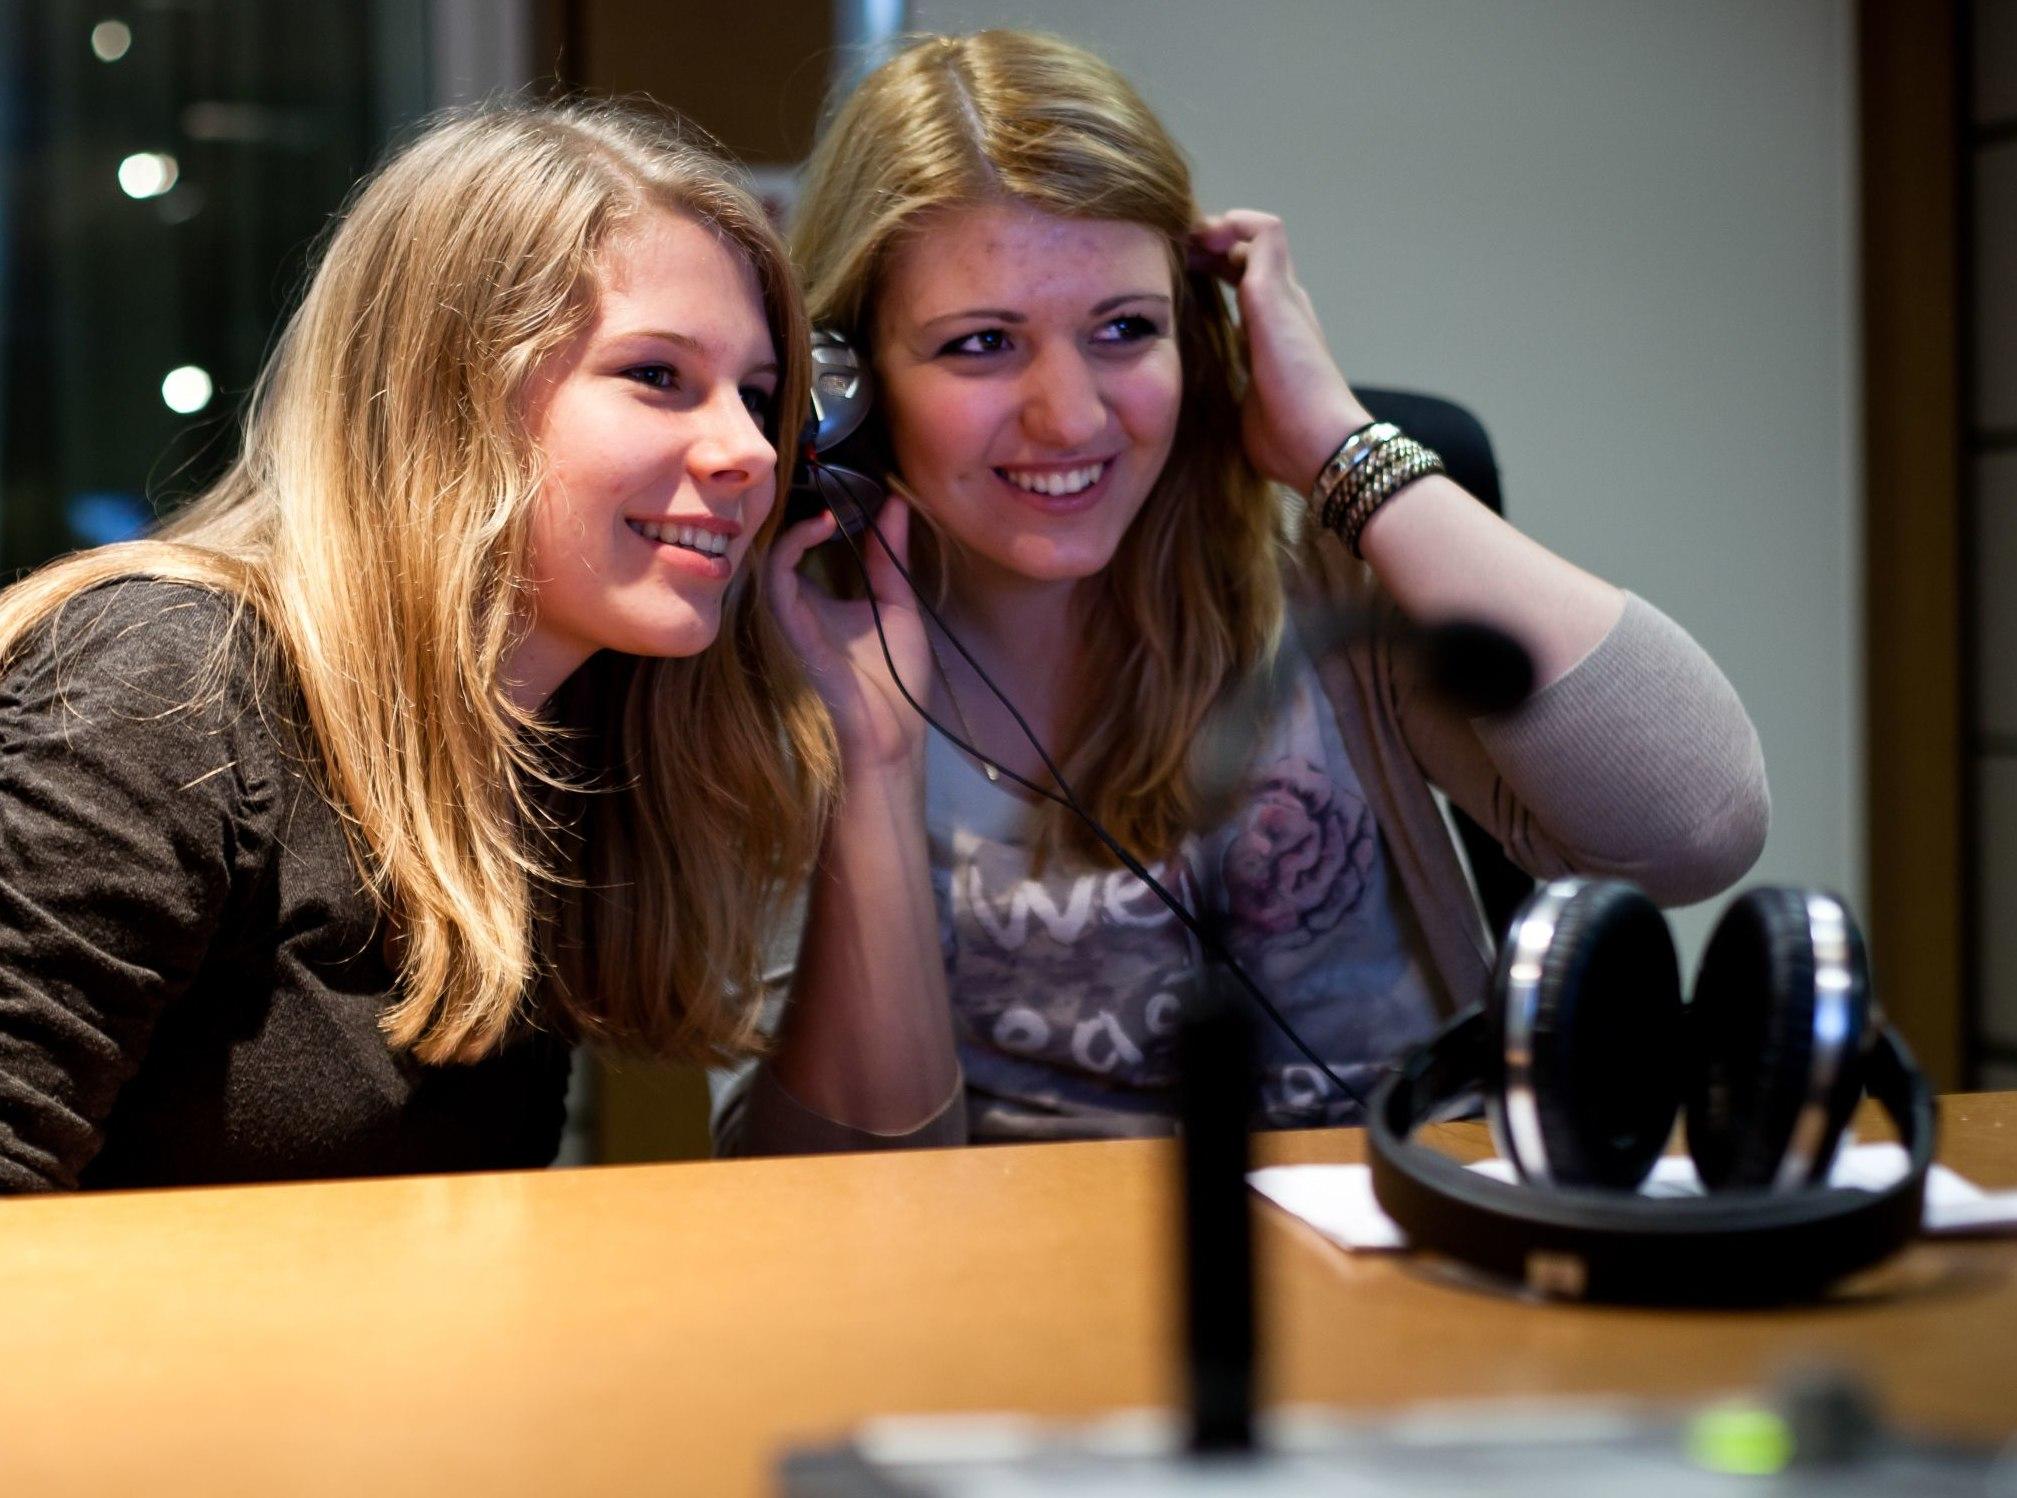 Teilnehmerinnen der TeenGroup 2011/2012 bei den Aufnahmen zu ihrem AudioGuide